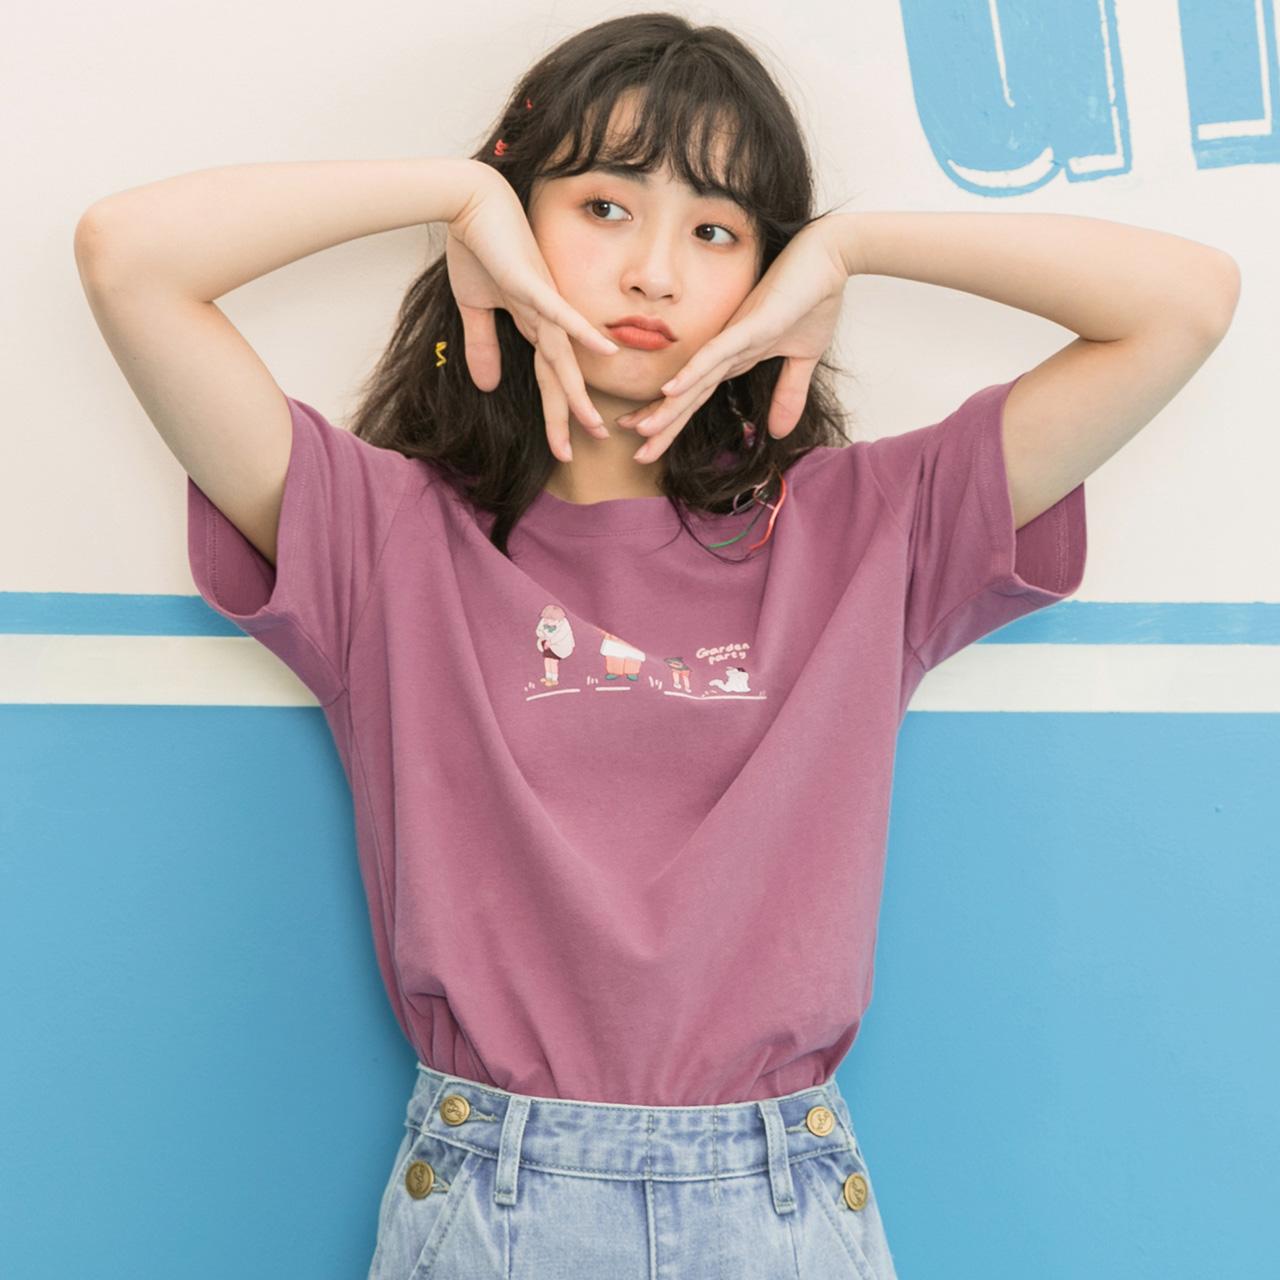 开学季古着短袖t恤女日系夏装2019新款原宿风宽松少女感上衣学生